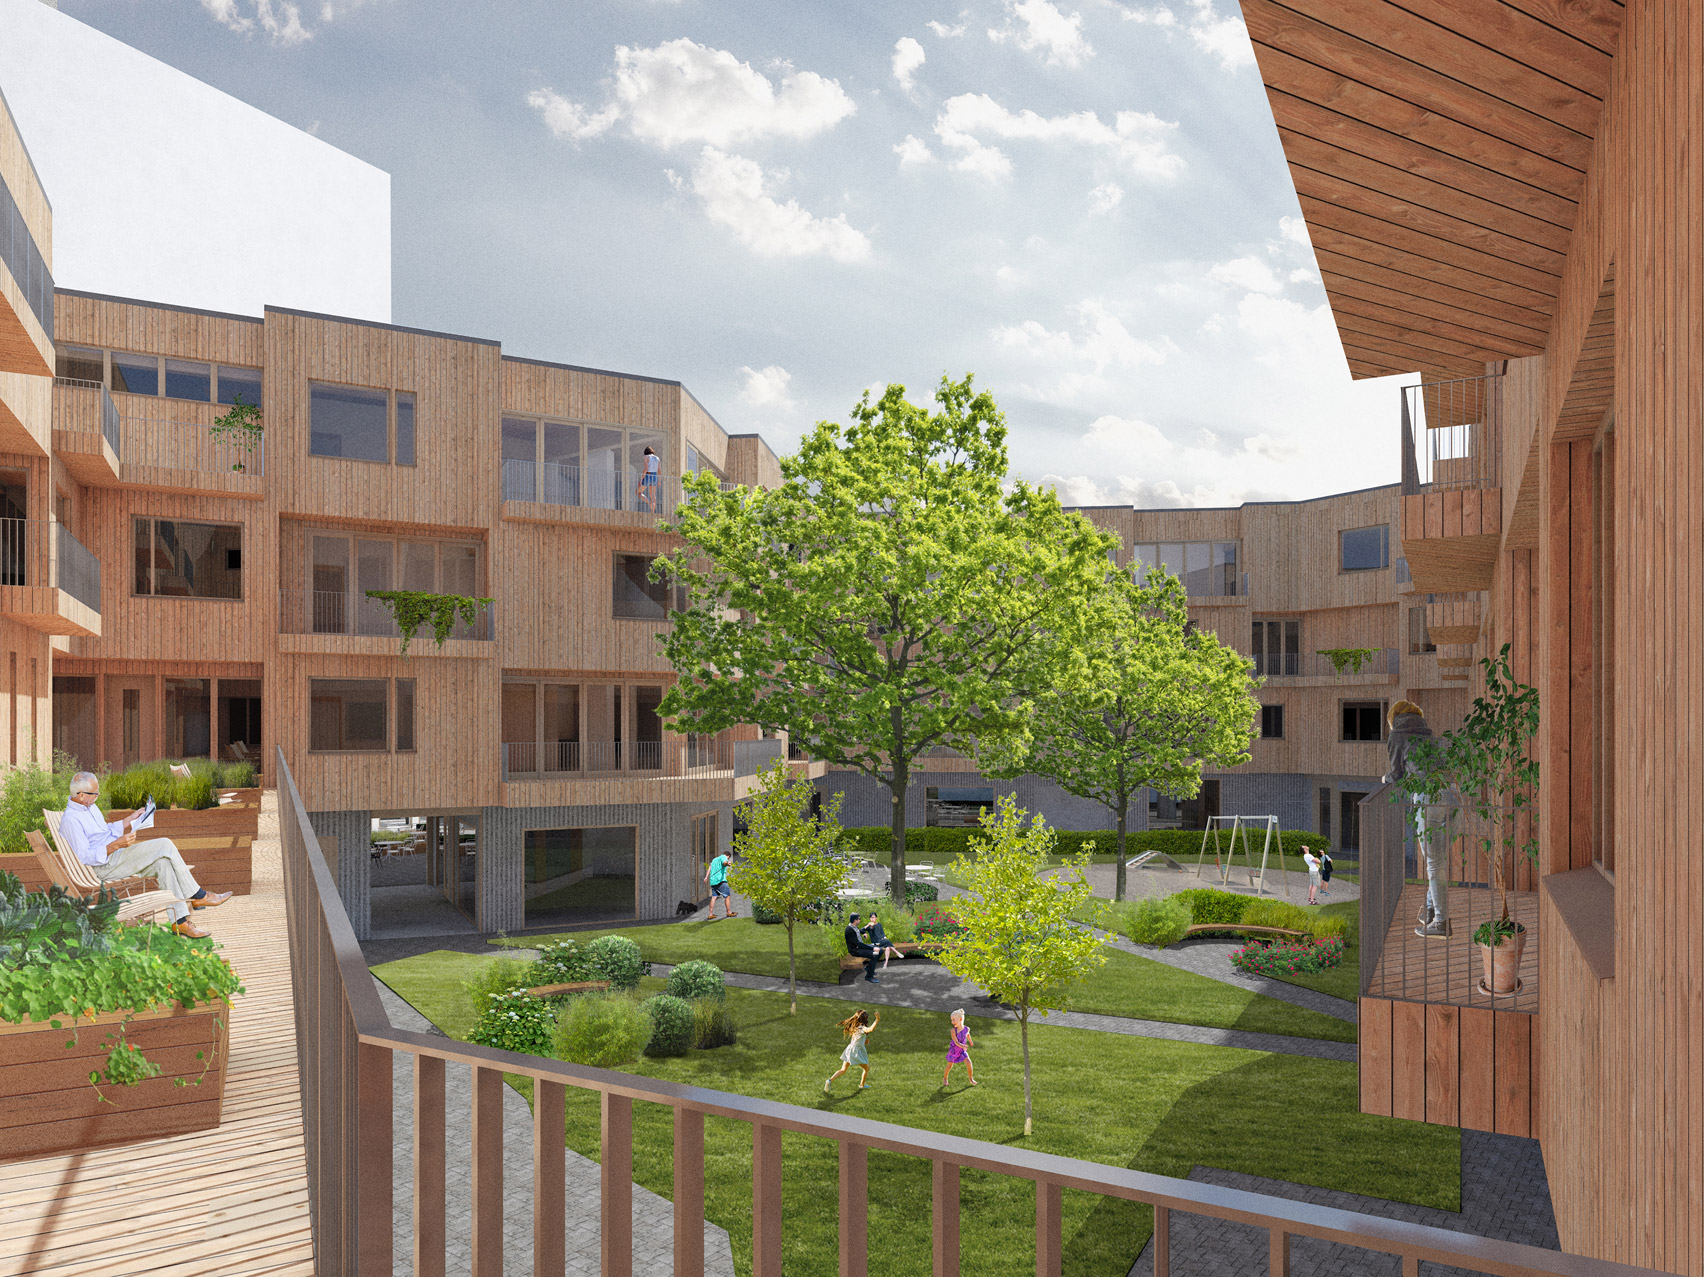 Wooden housing block by Valentin Valotie